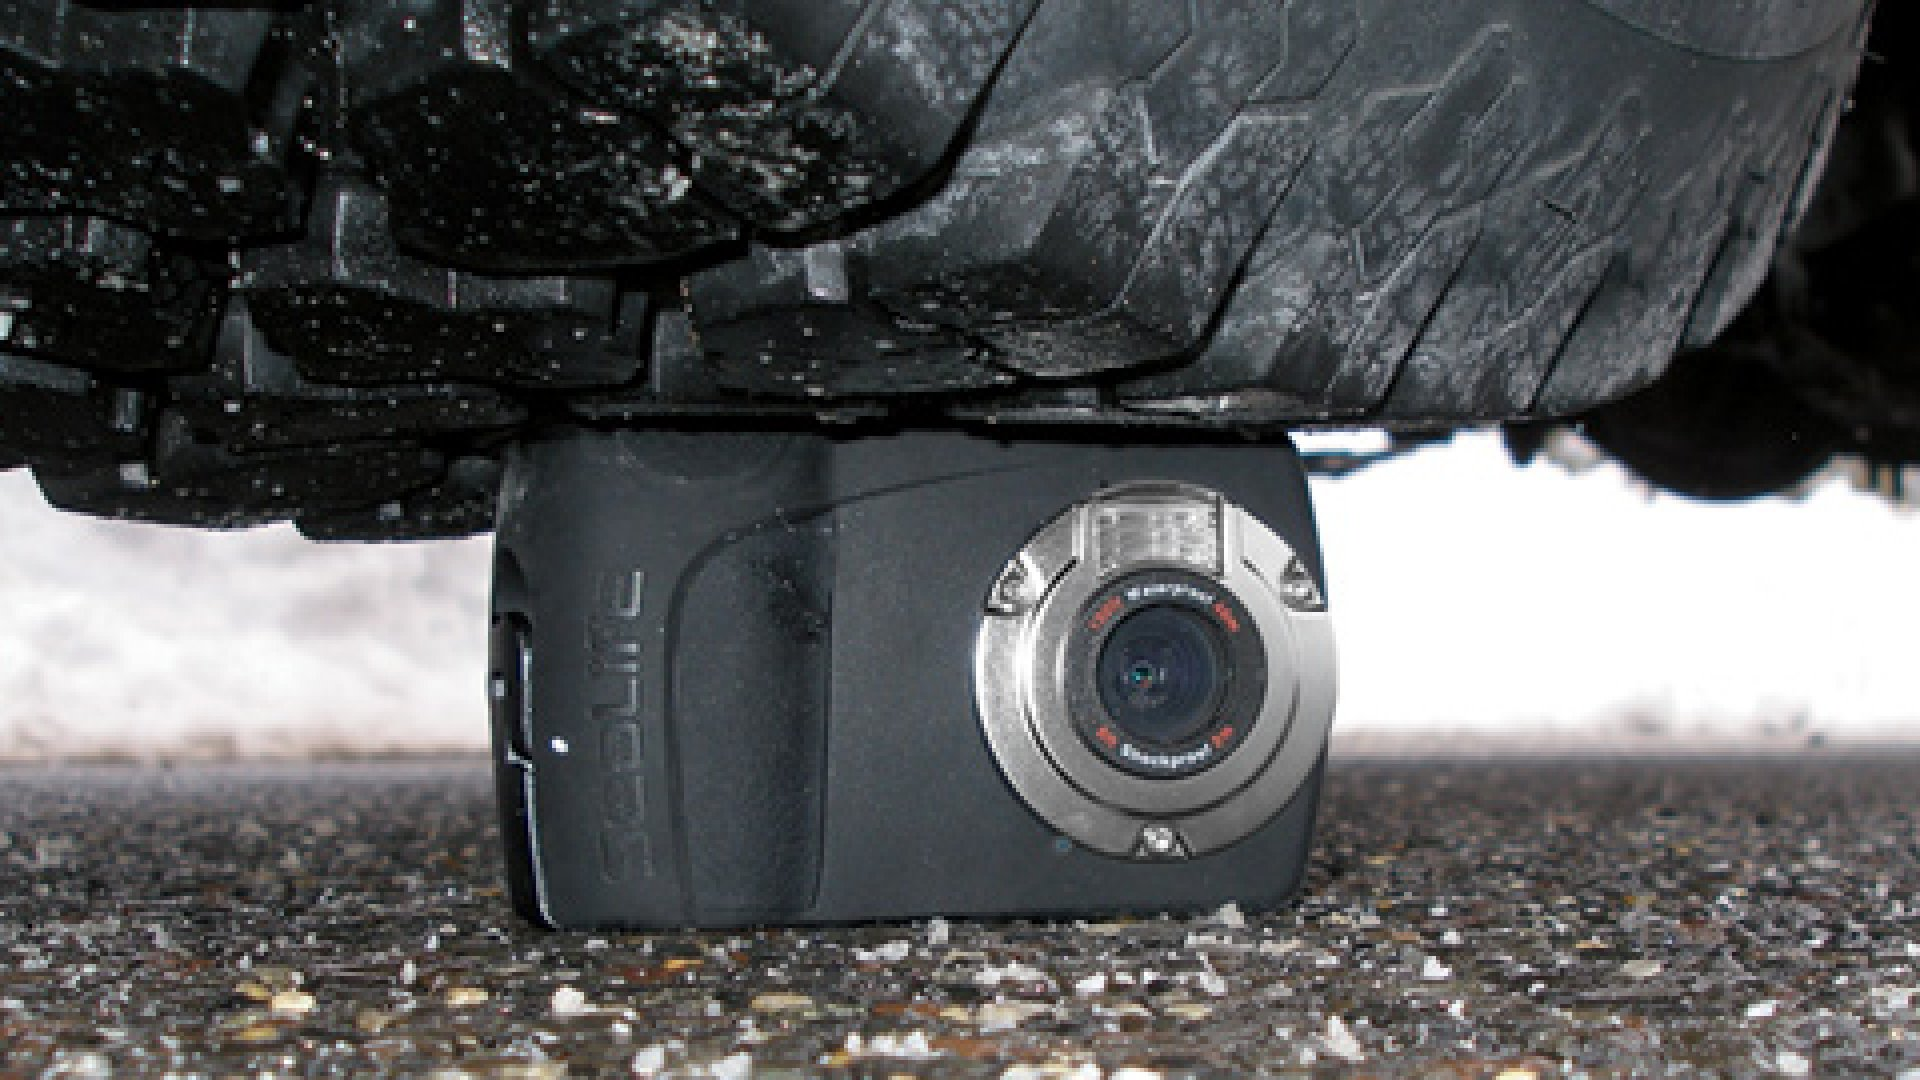 The SeaLife Mini II camera